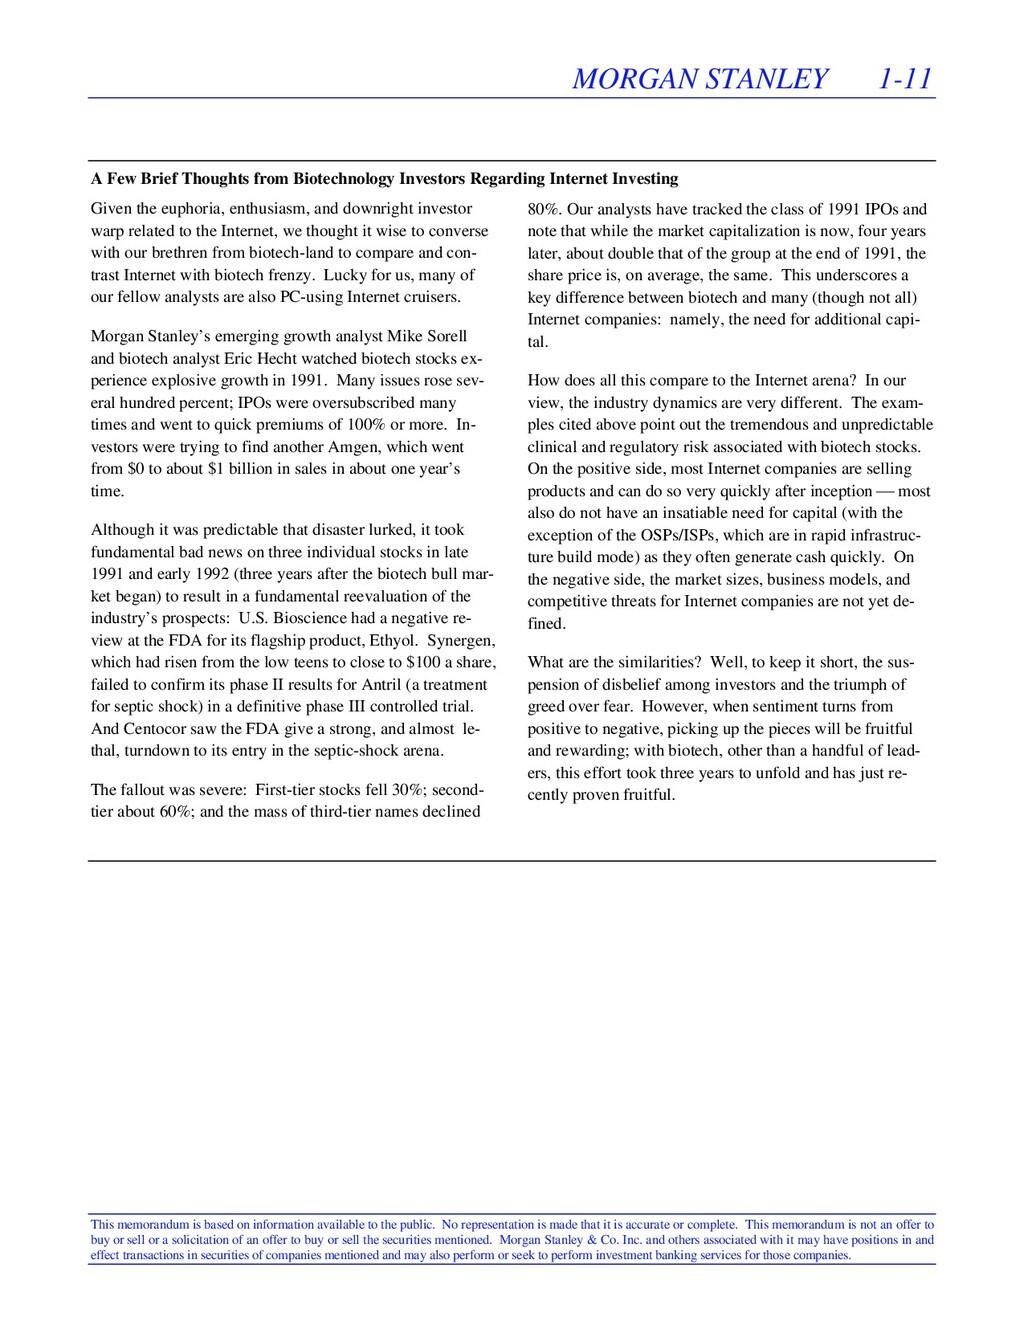 MORGAN STANLEY 1-11 This memorandum is based on...